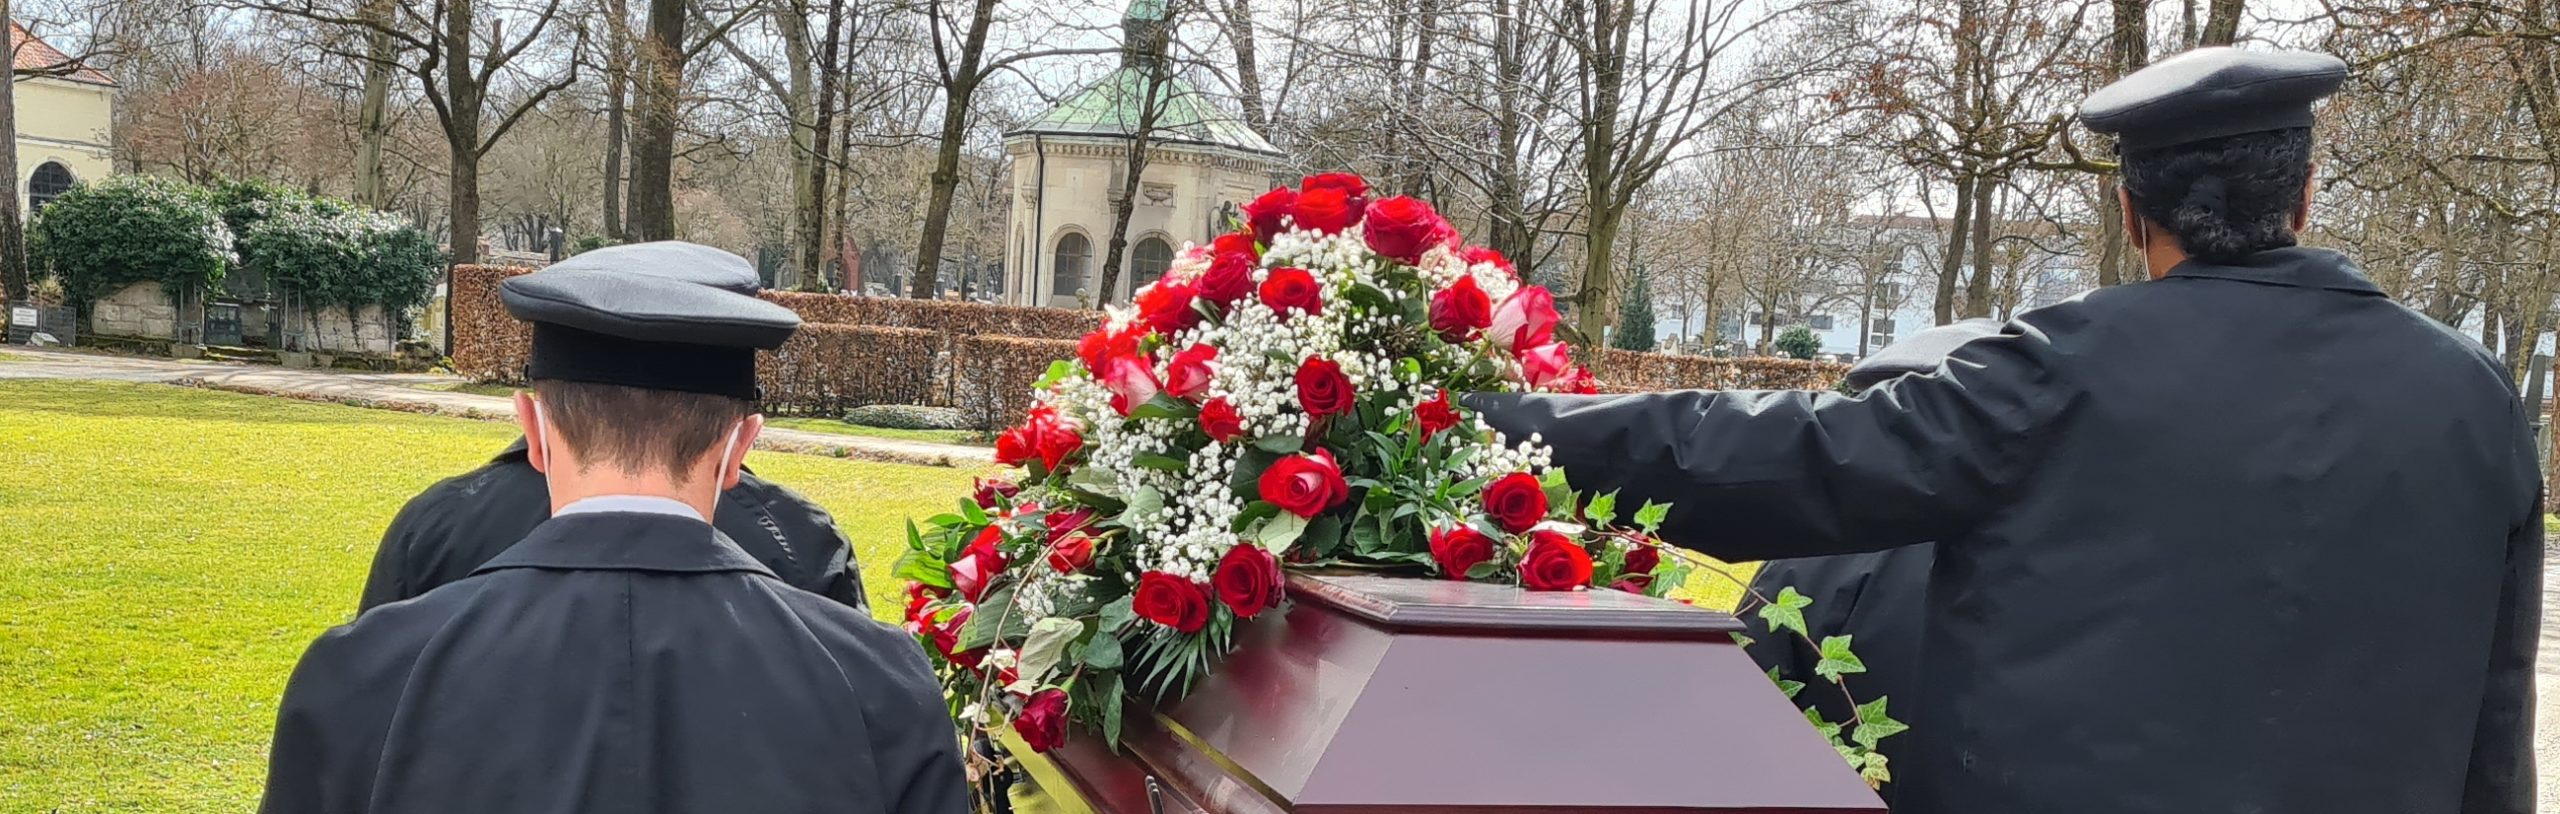 Sargträger geleiten zur letzten Ruhestädte - Trauerfeier mit Christian G. Binder